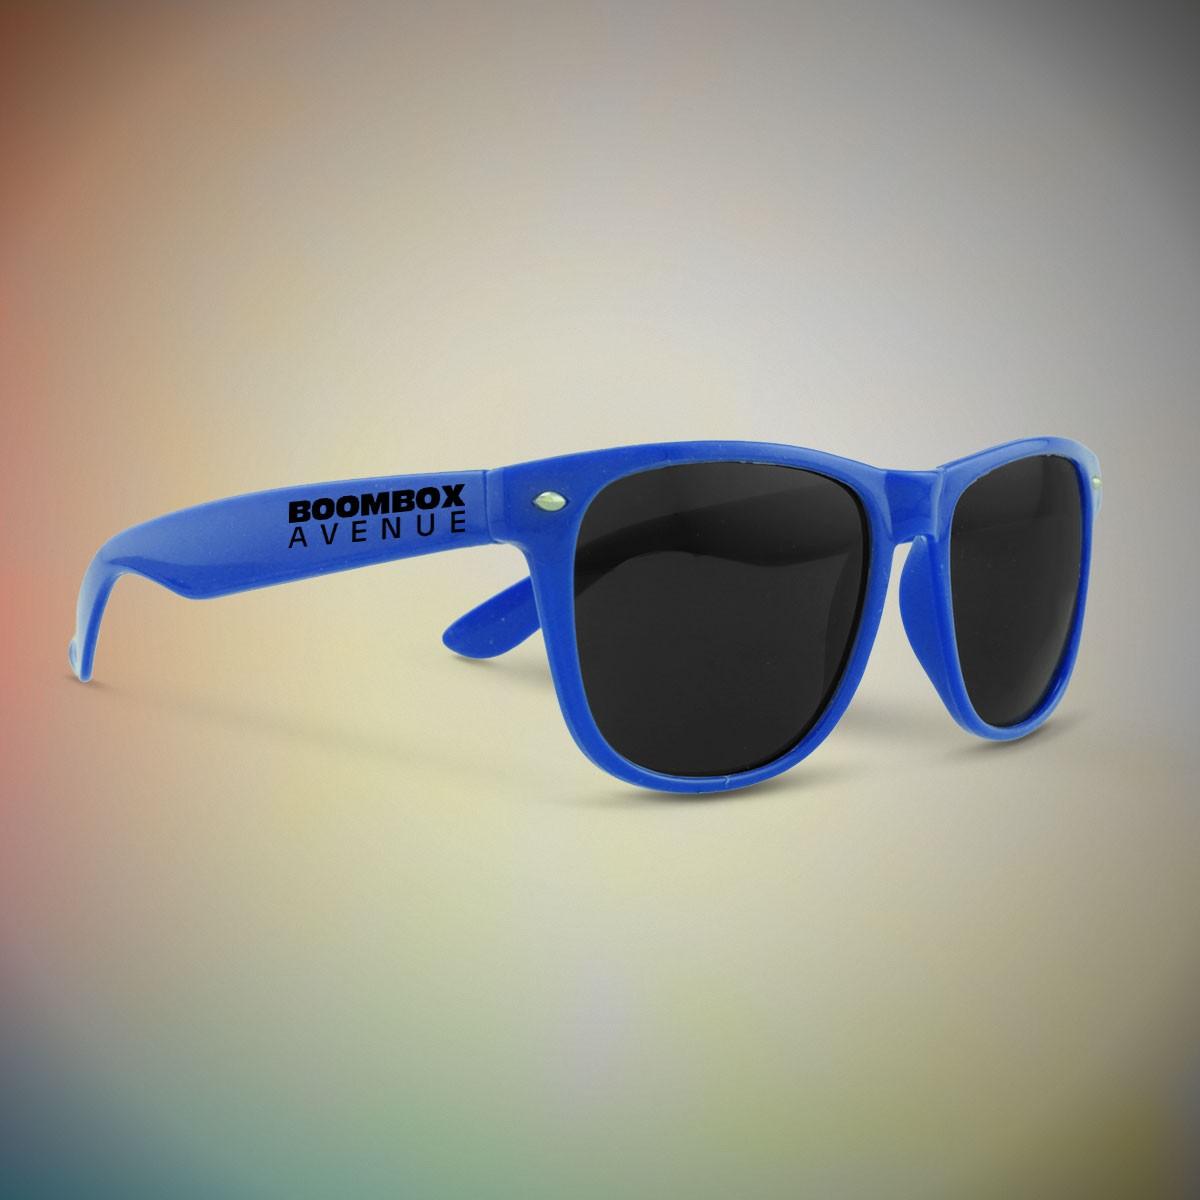 Premium Blue Classic Retro Sunglasses